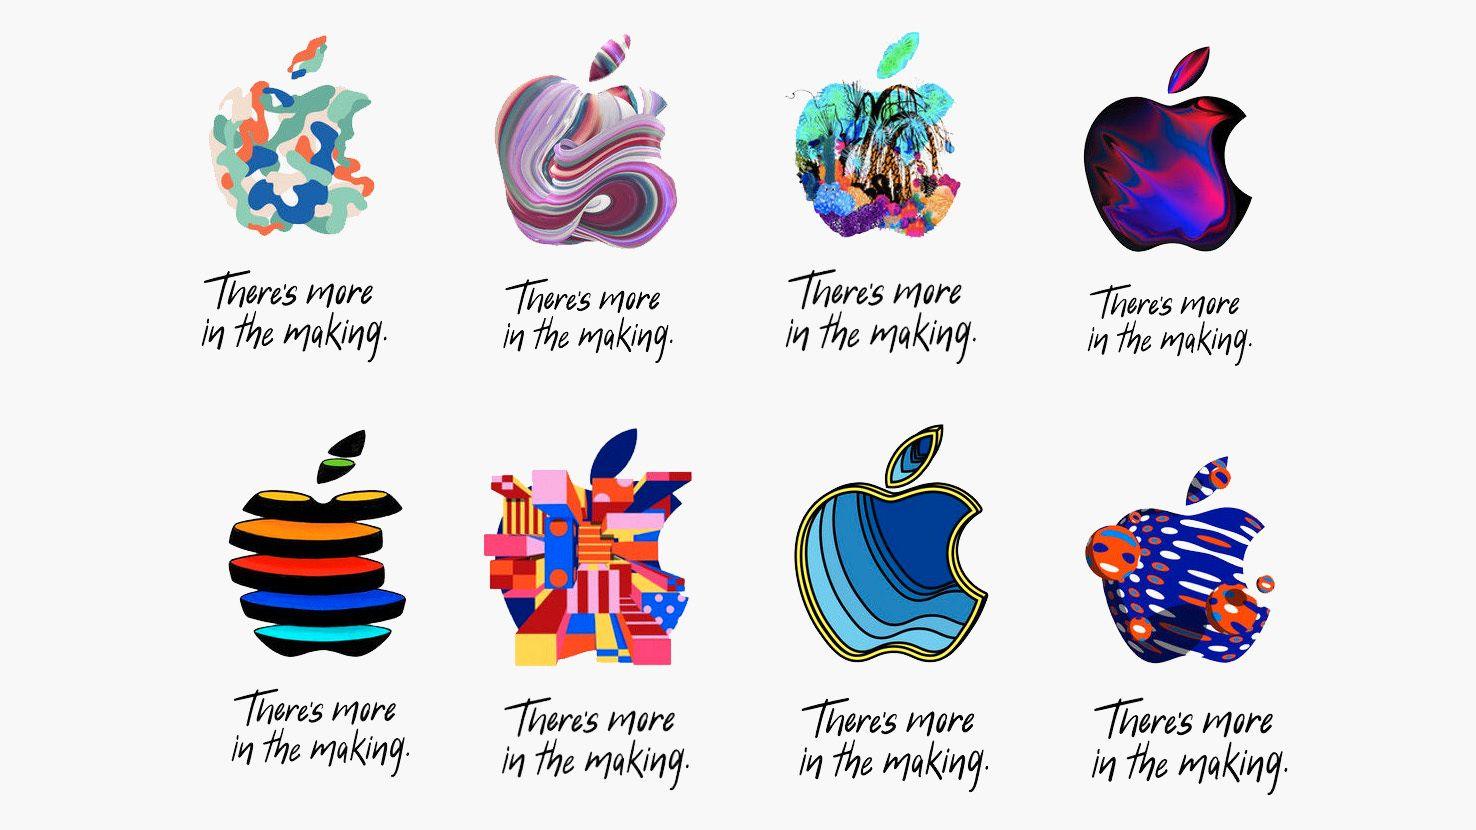 Apple inviterer til ny lansering: Får vi nye iPader og MacBook Air?